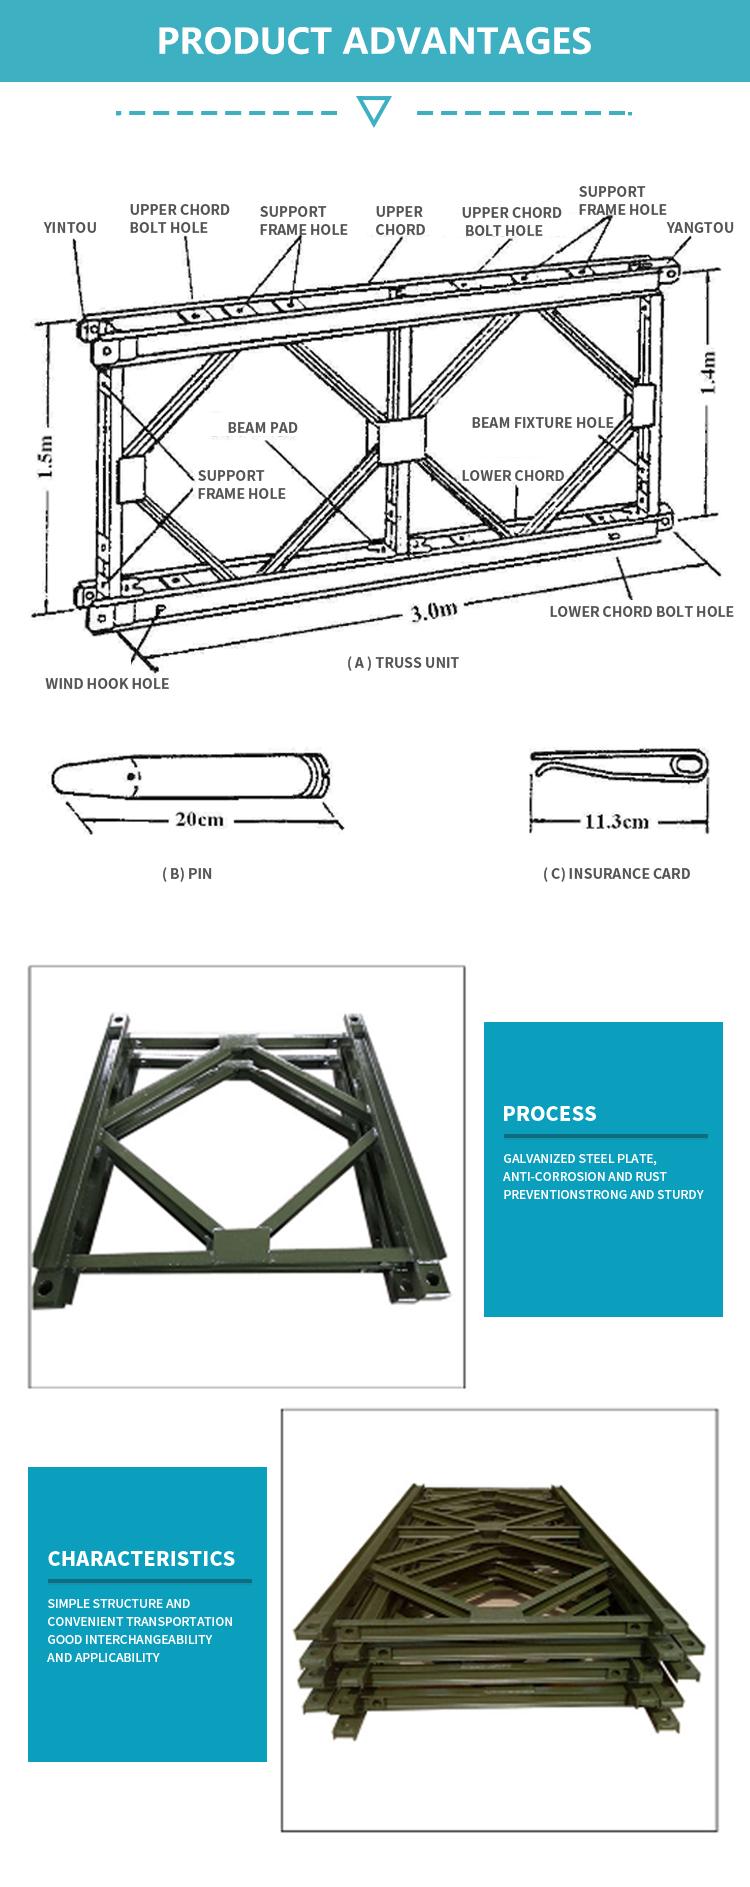 การออกแบบที่กำหนดเองโครงสร้างเหล็กใช้สะพานเบลีย์คู่มือ